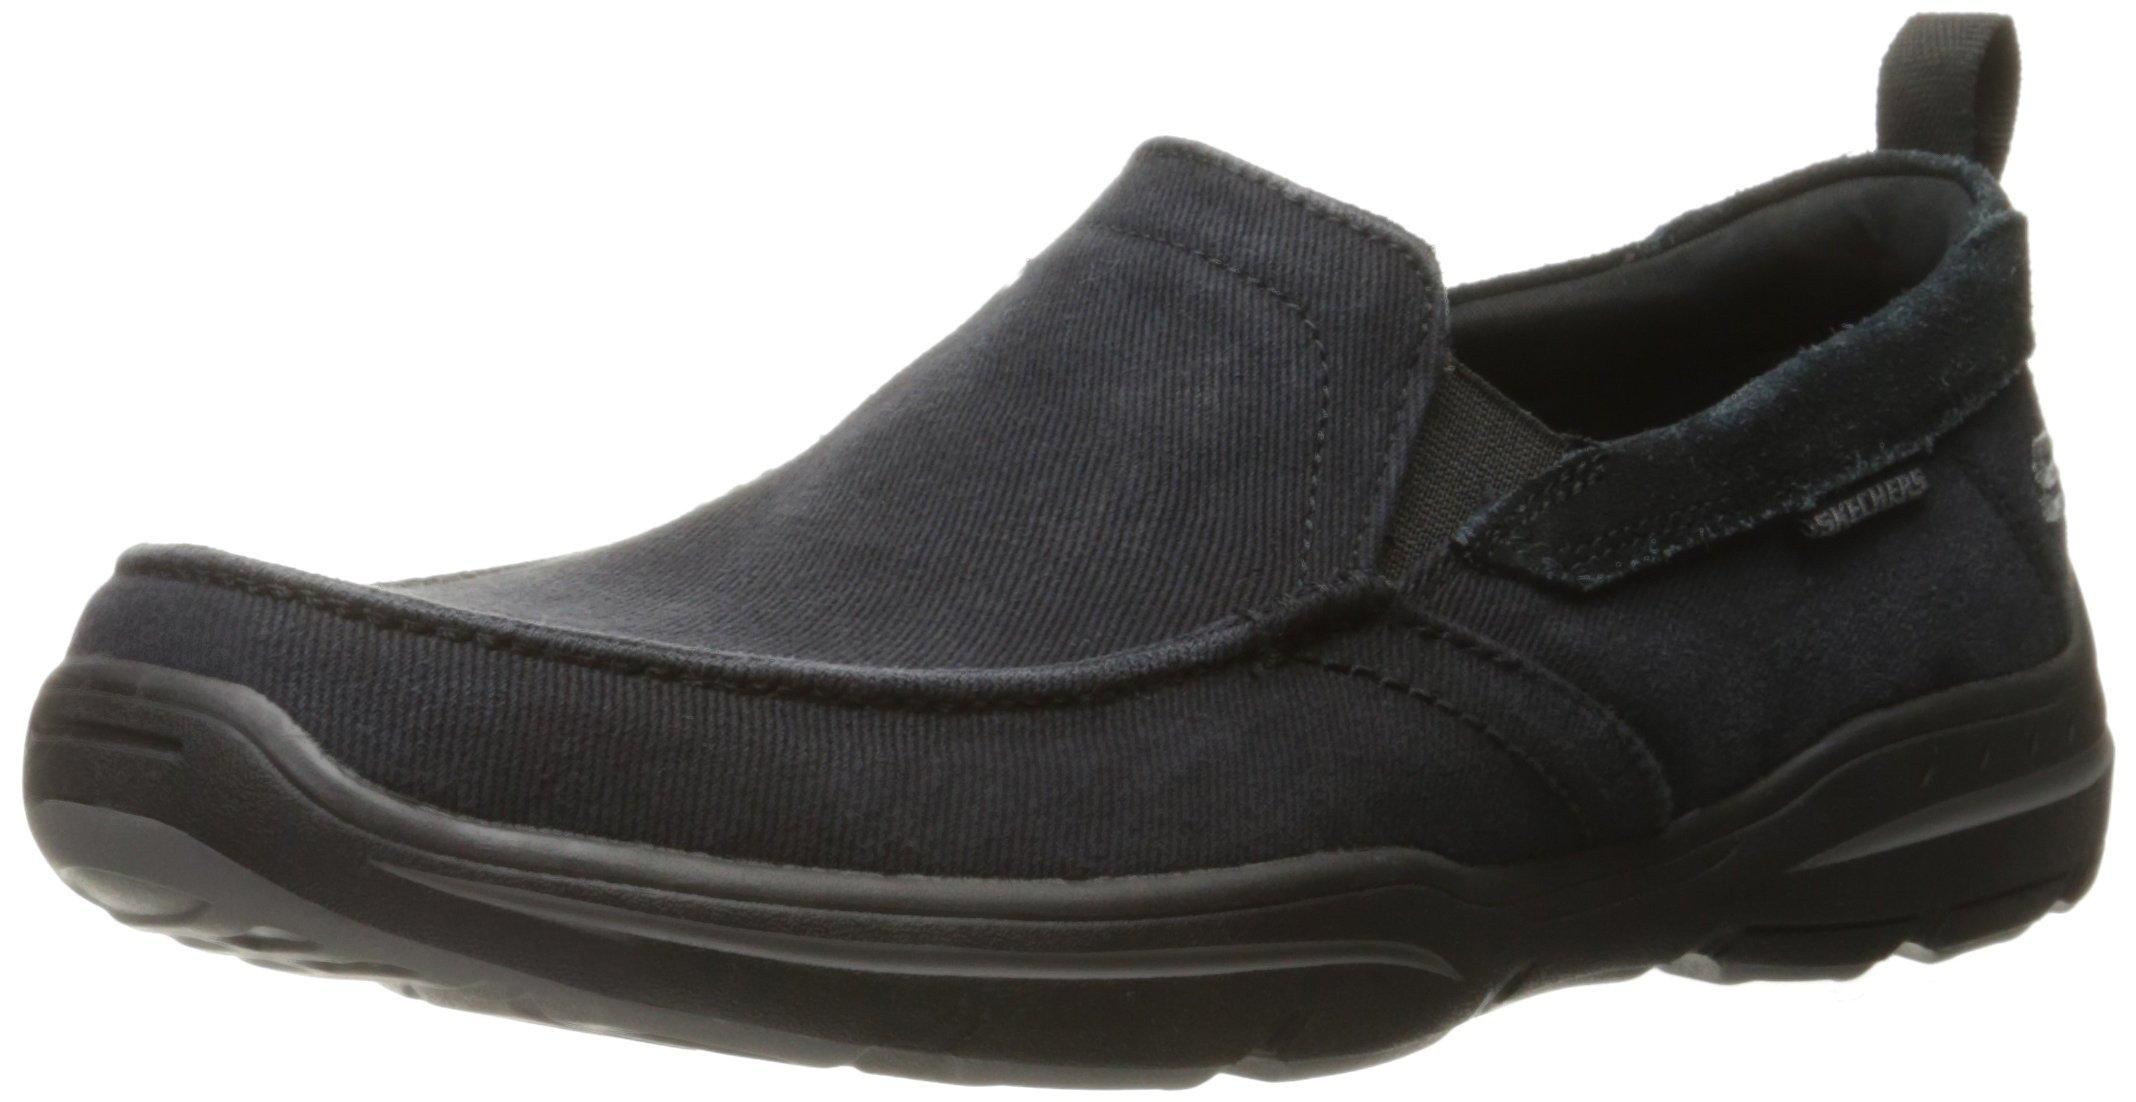 Skechers USA Men's Harper Delen Slip-On Loafer,Black Canvas,10 M US